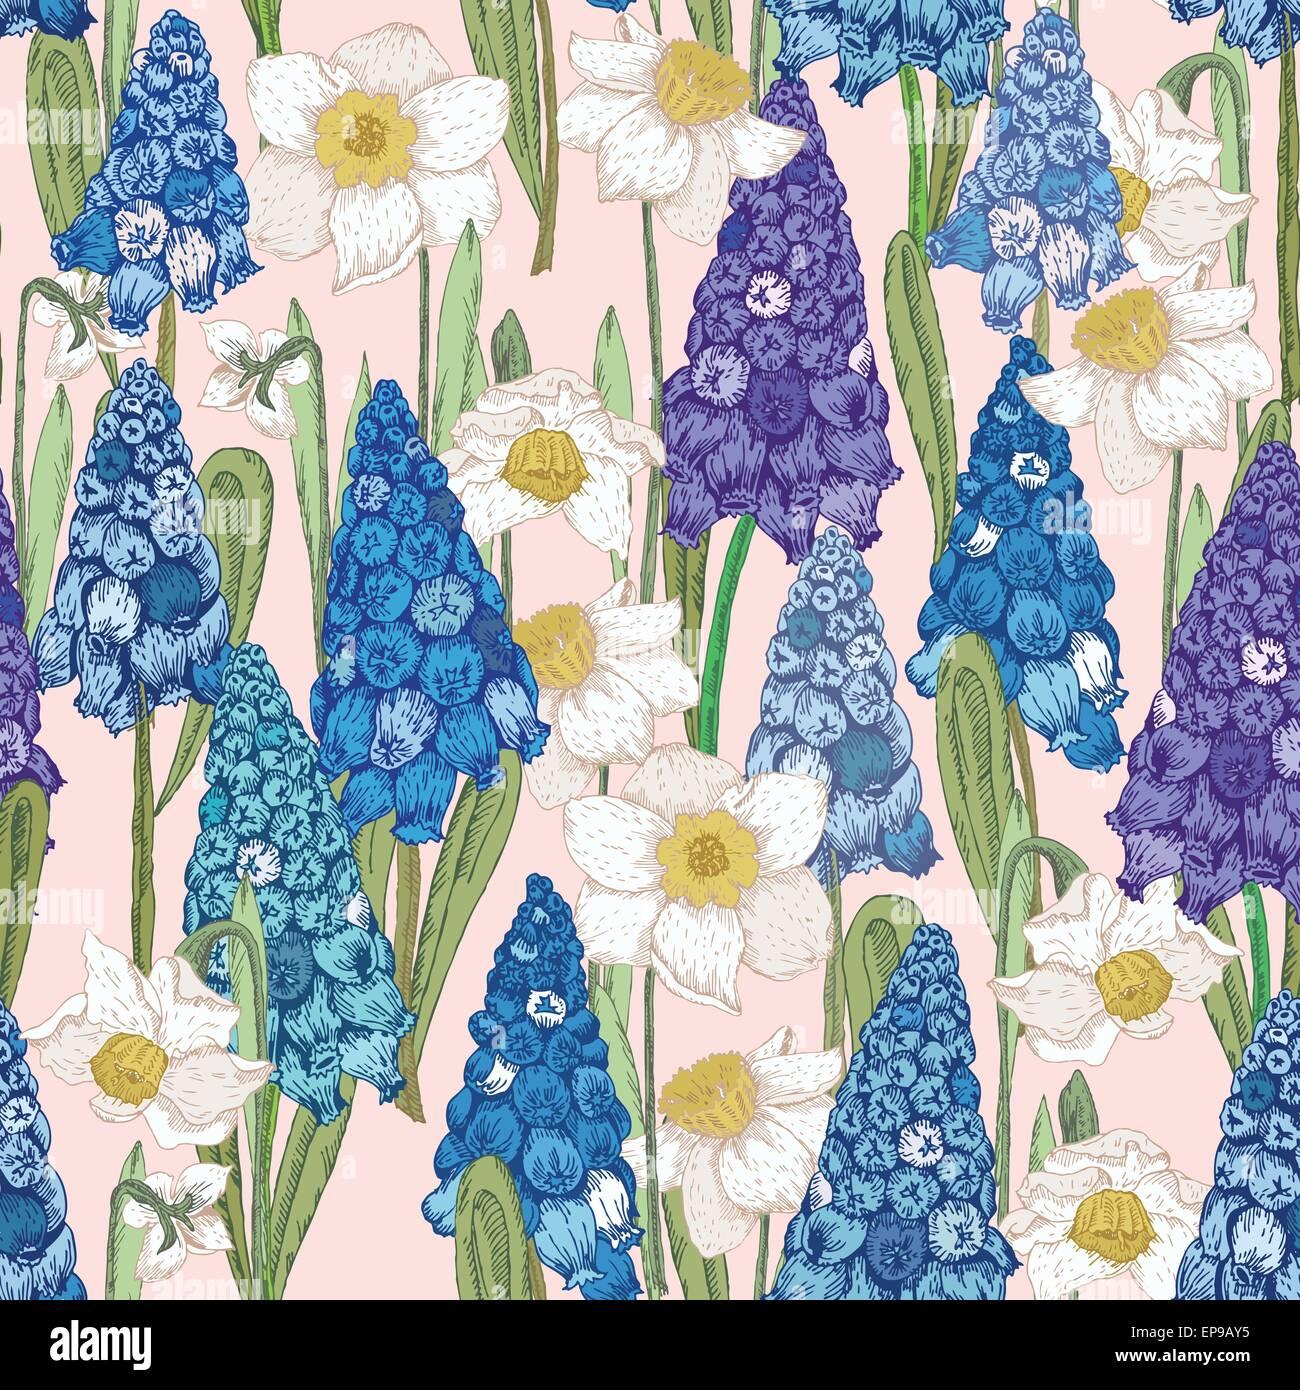 Frühling Blumen Hyazinth Hyacinth Grußkarte Für März 8 Plakat